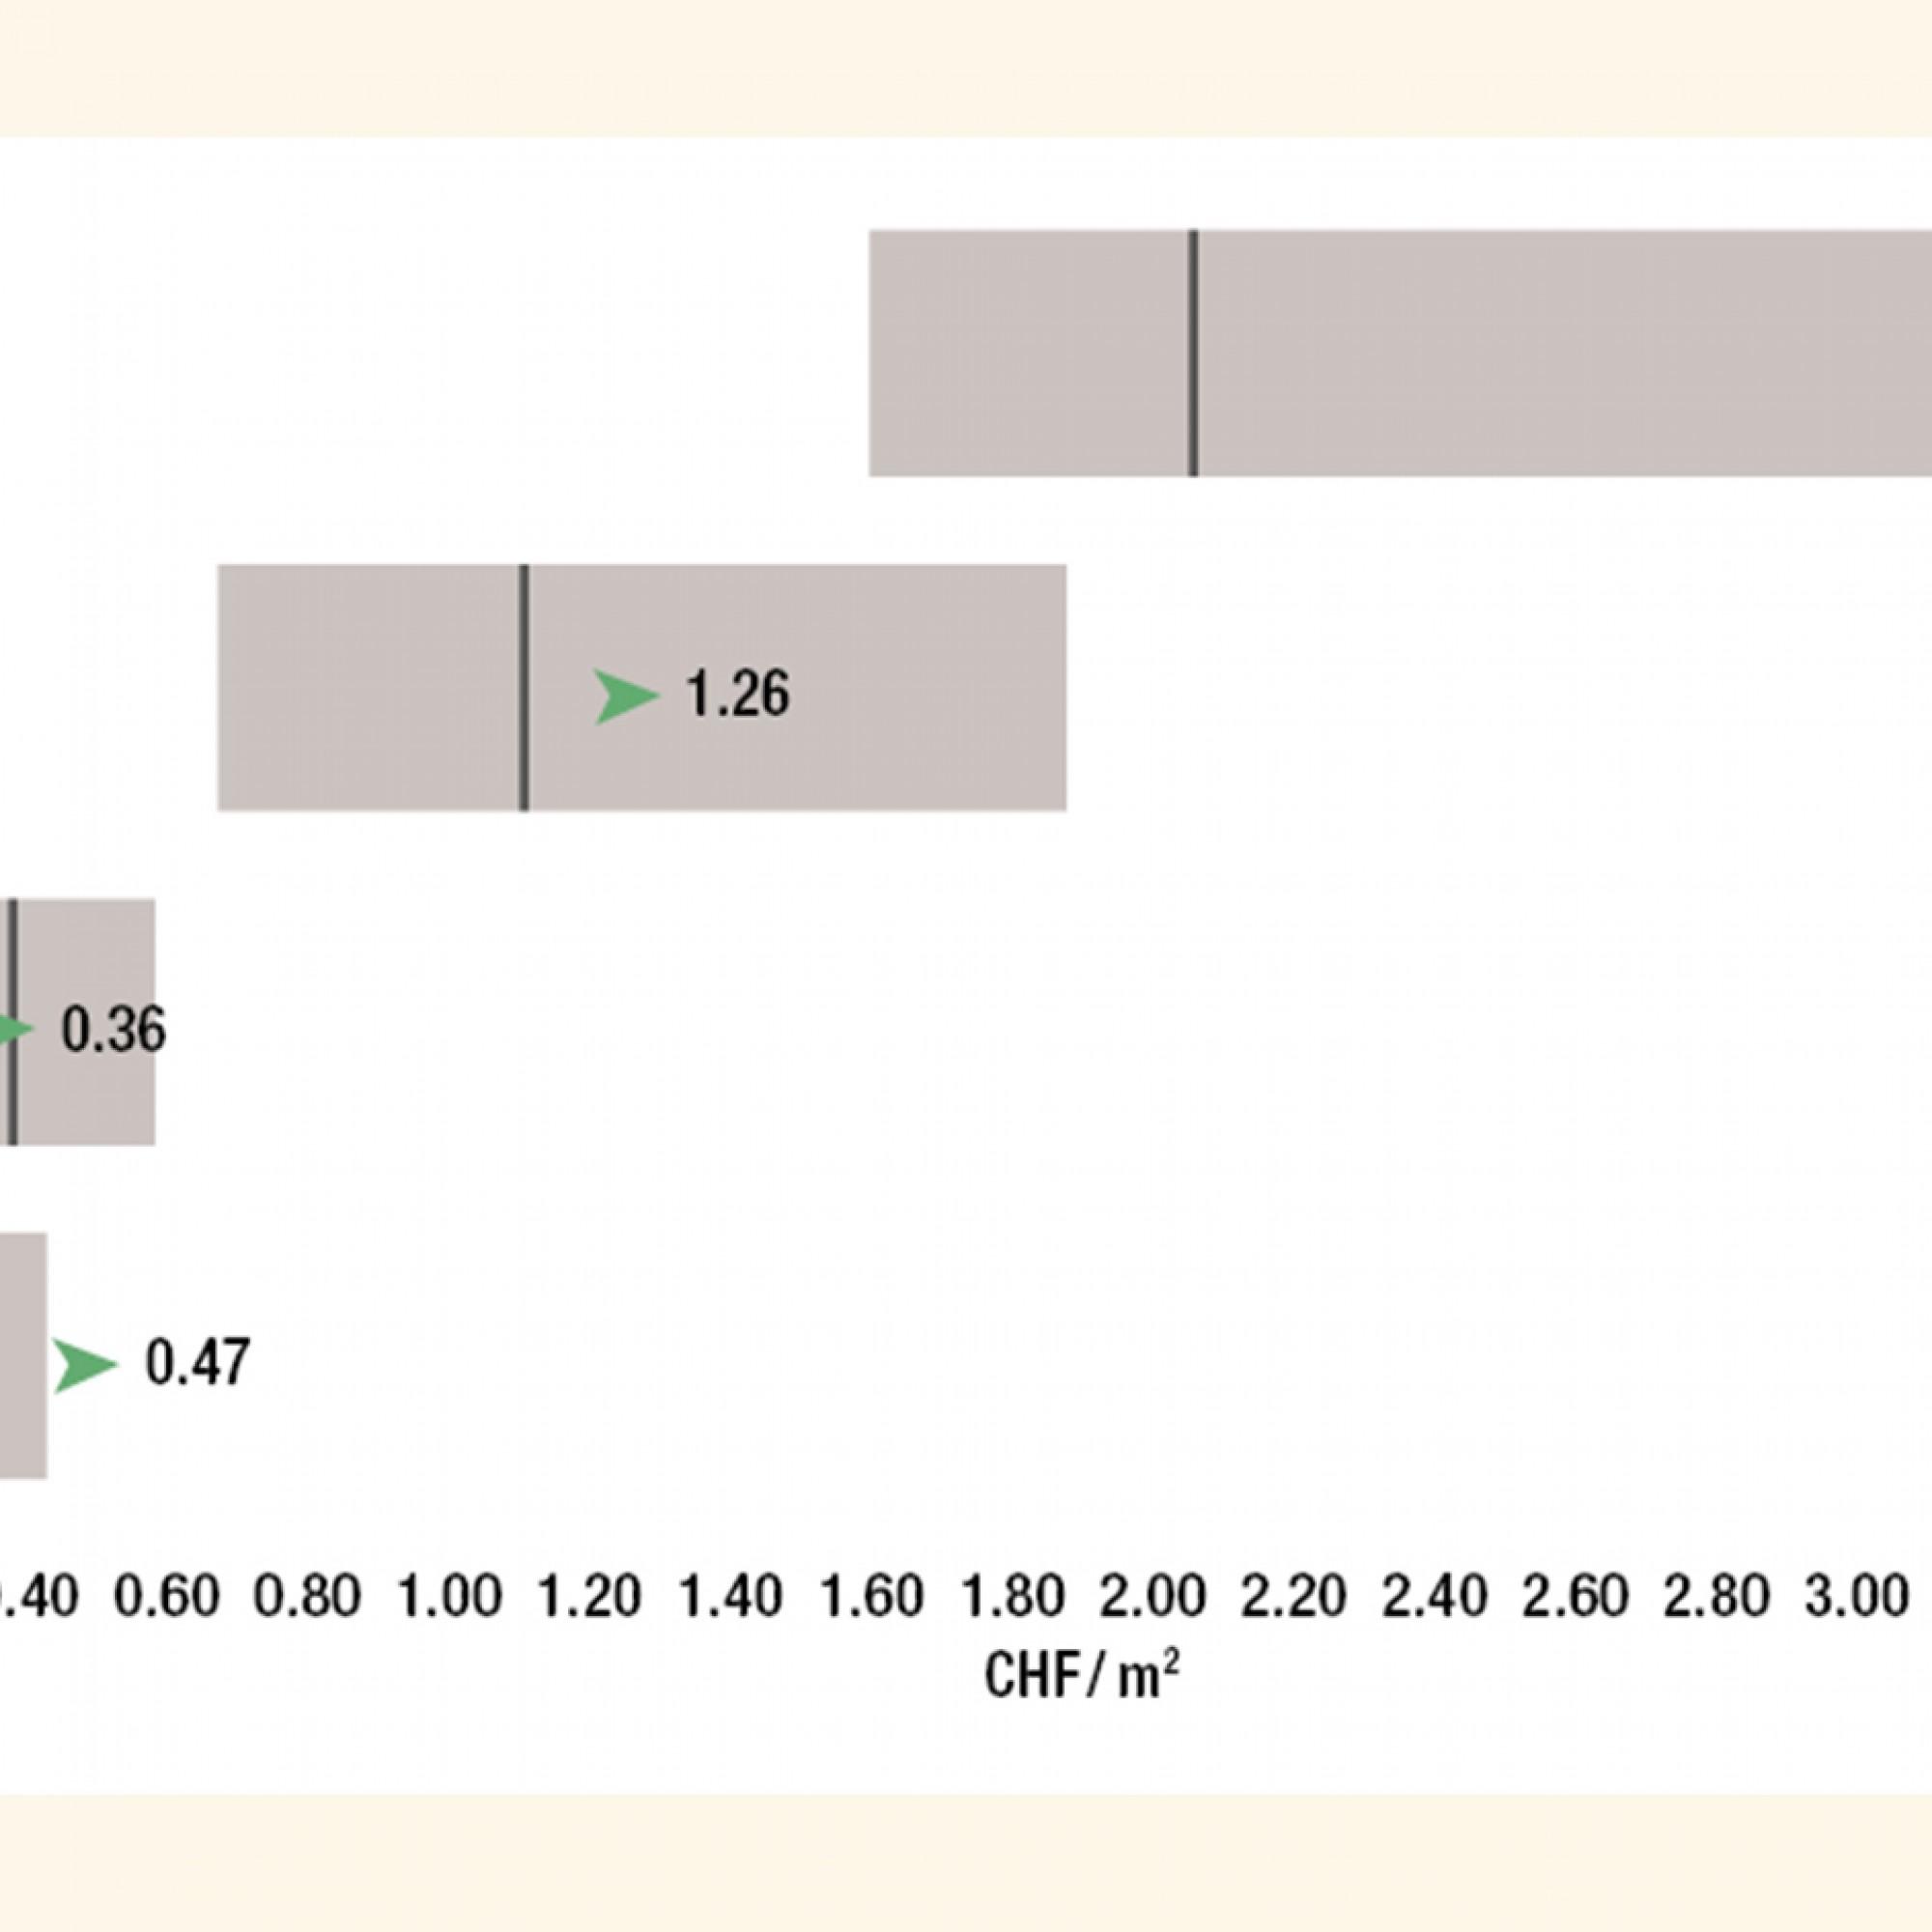 Aufteilung der Betriebskosten für den Strassenunterhalt nach Kostenart bezogen auf die Gesamtverkehrsfläche. Die graue Linie bezeichnet den Median des Inframonitor-Benchmarkpools, der hellgraue Balken zeigt den Bereich, in dem sich die mittleren 50 Prozen